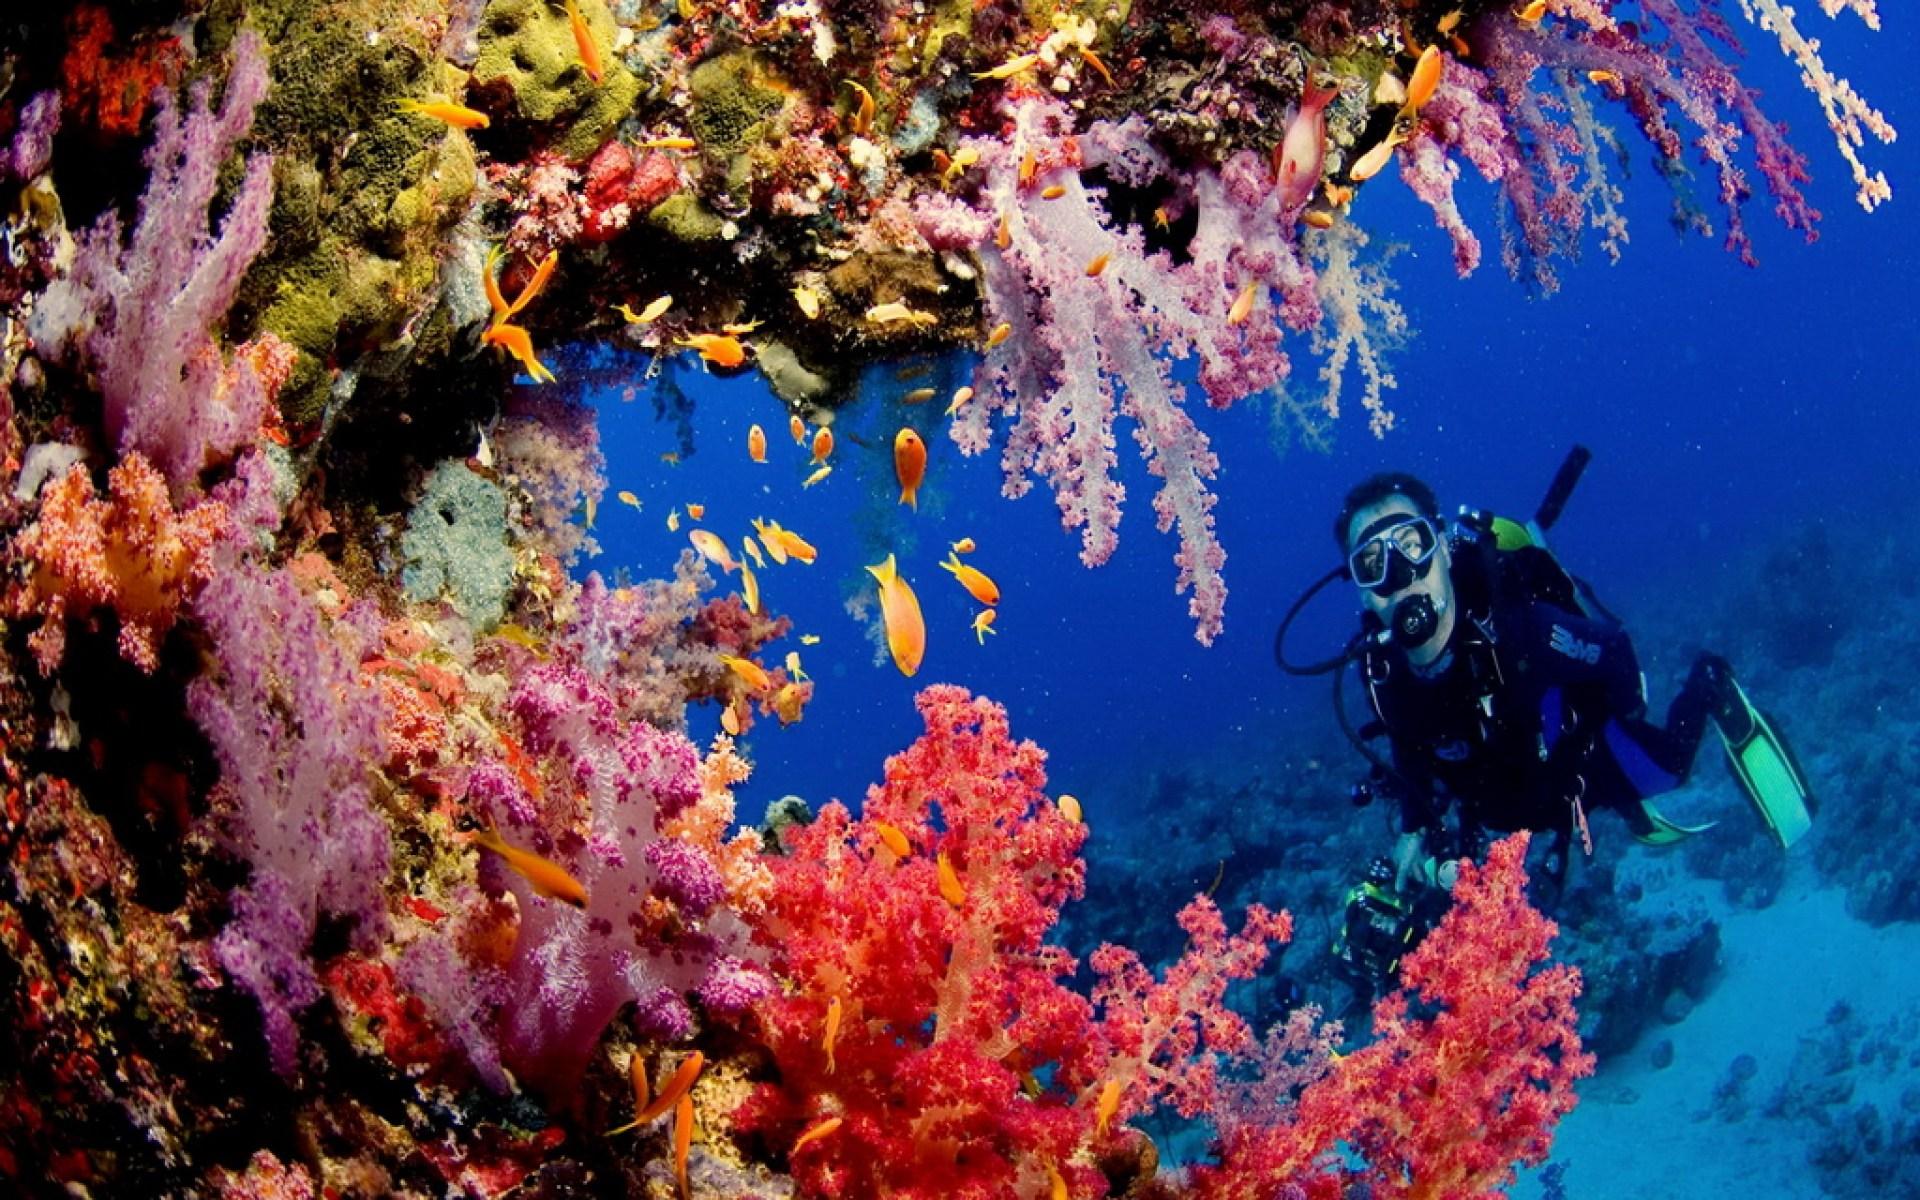 Coral reef scene Sanganeb Sudan